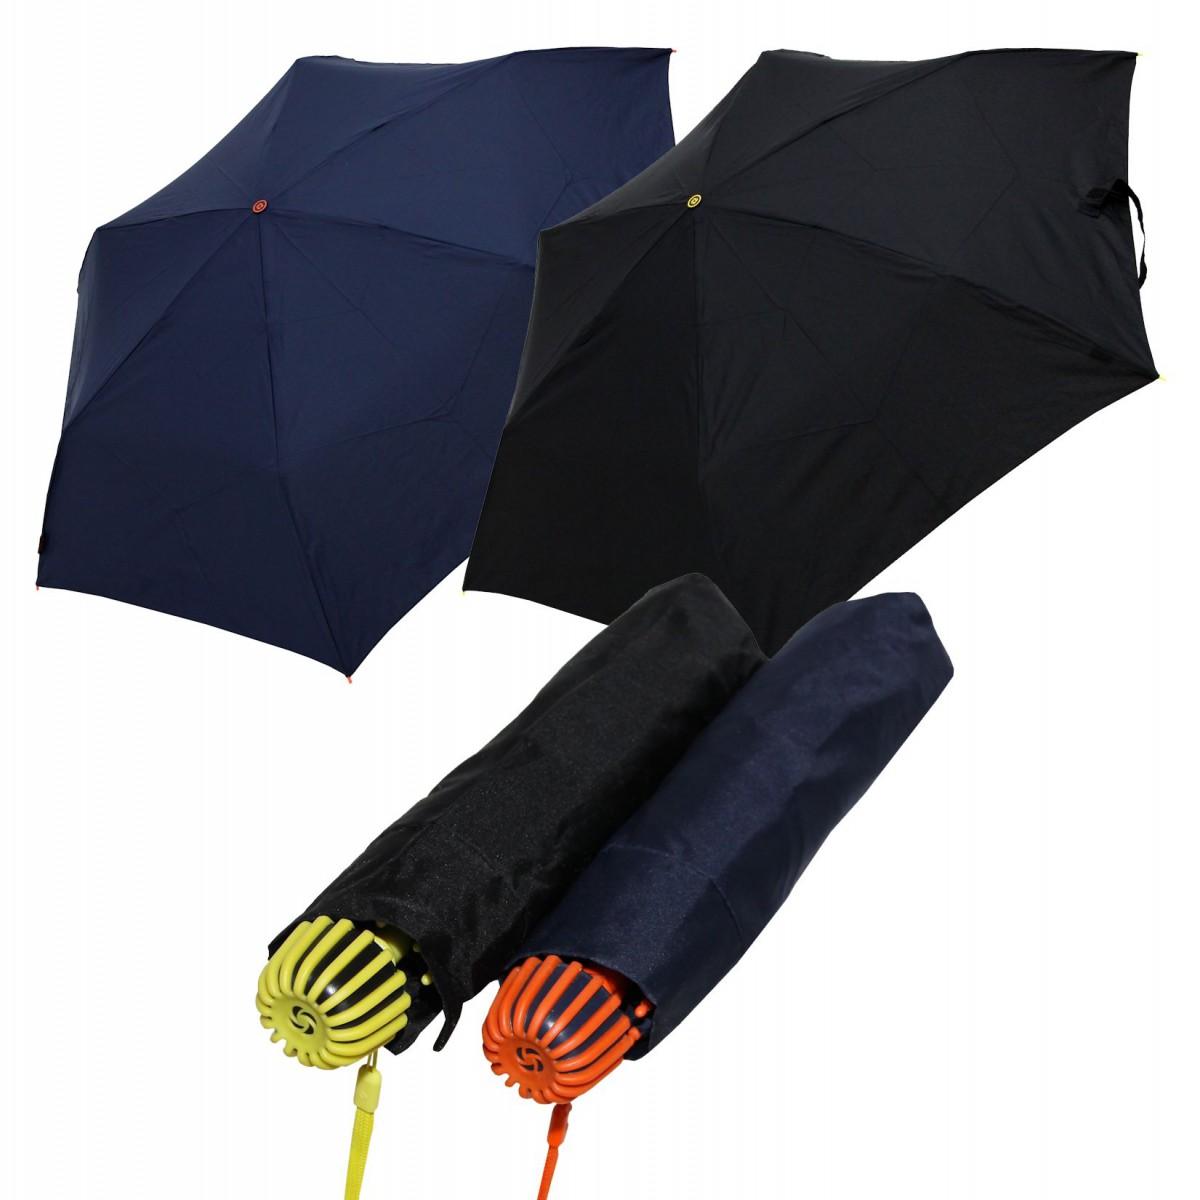 Minischirm Taschenschirm Rainflex Samsonite